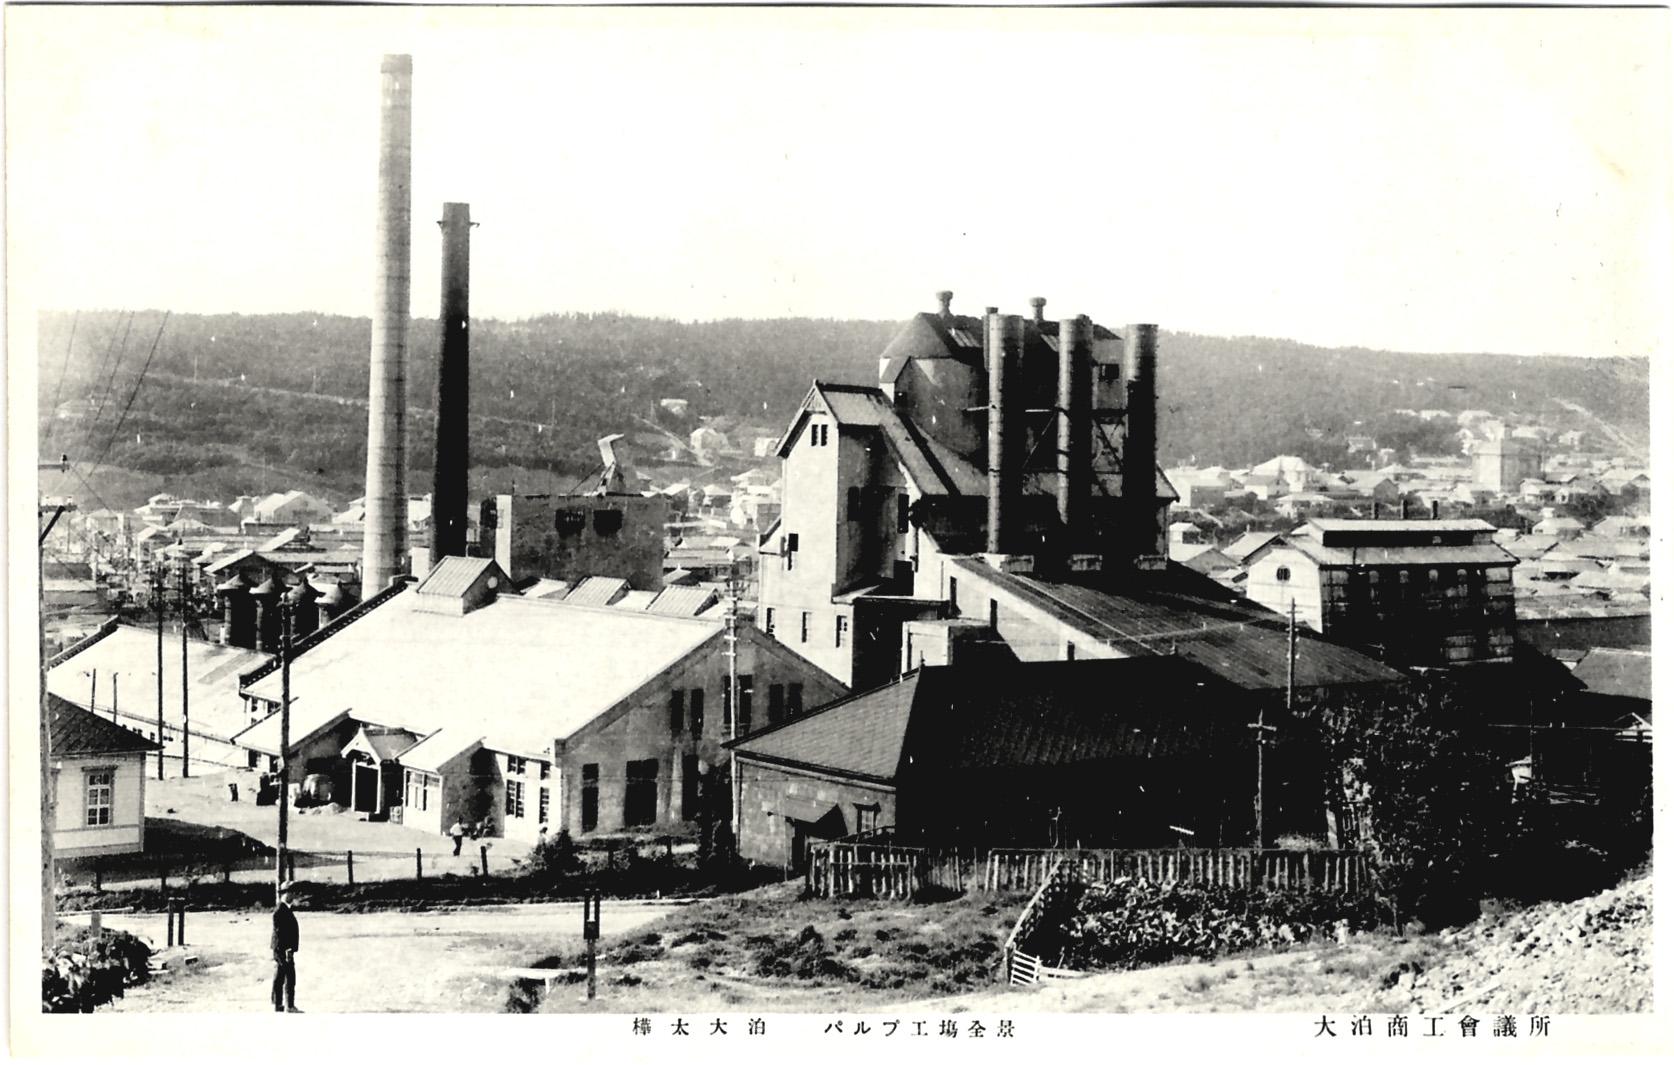 Вид на целлюлозно-бумажную фабрику г. Одомари